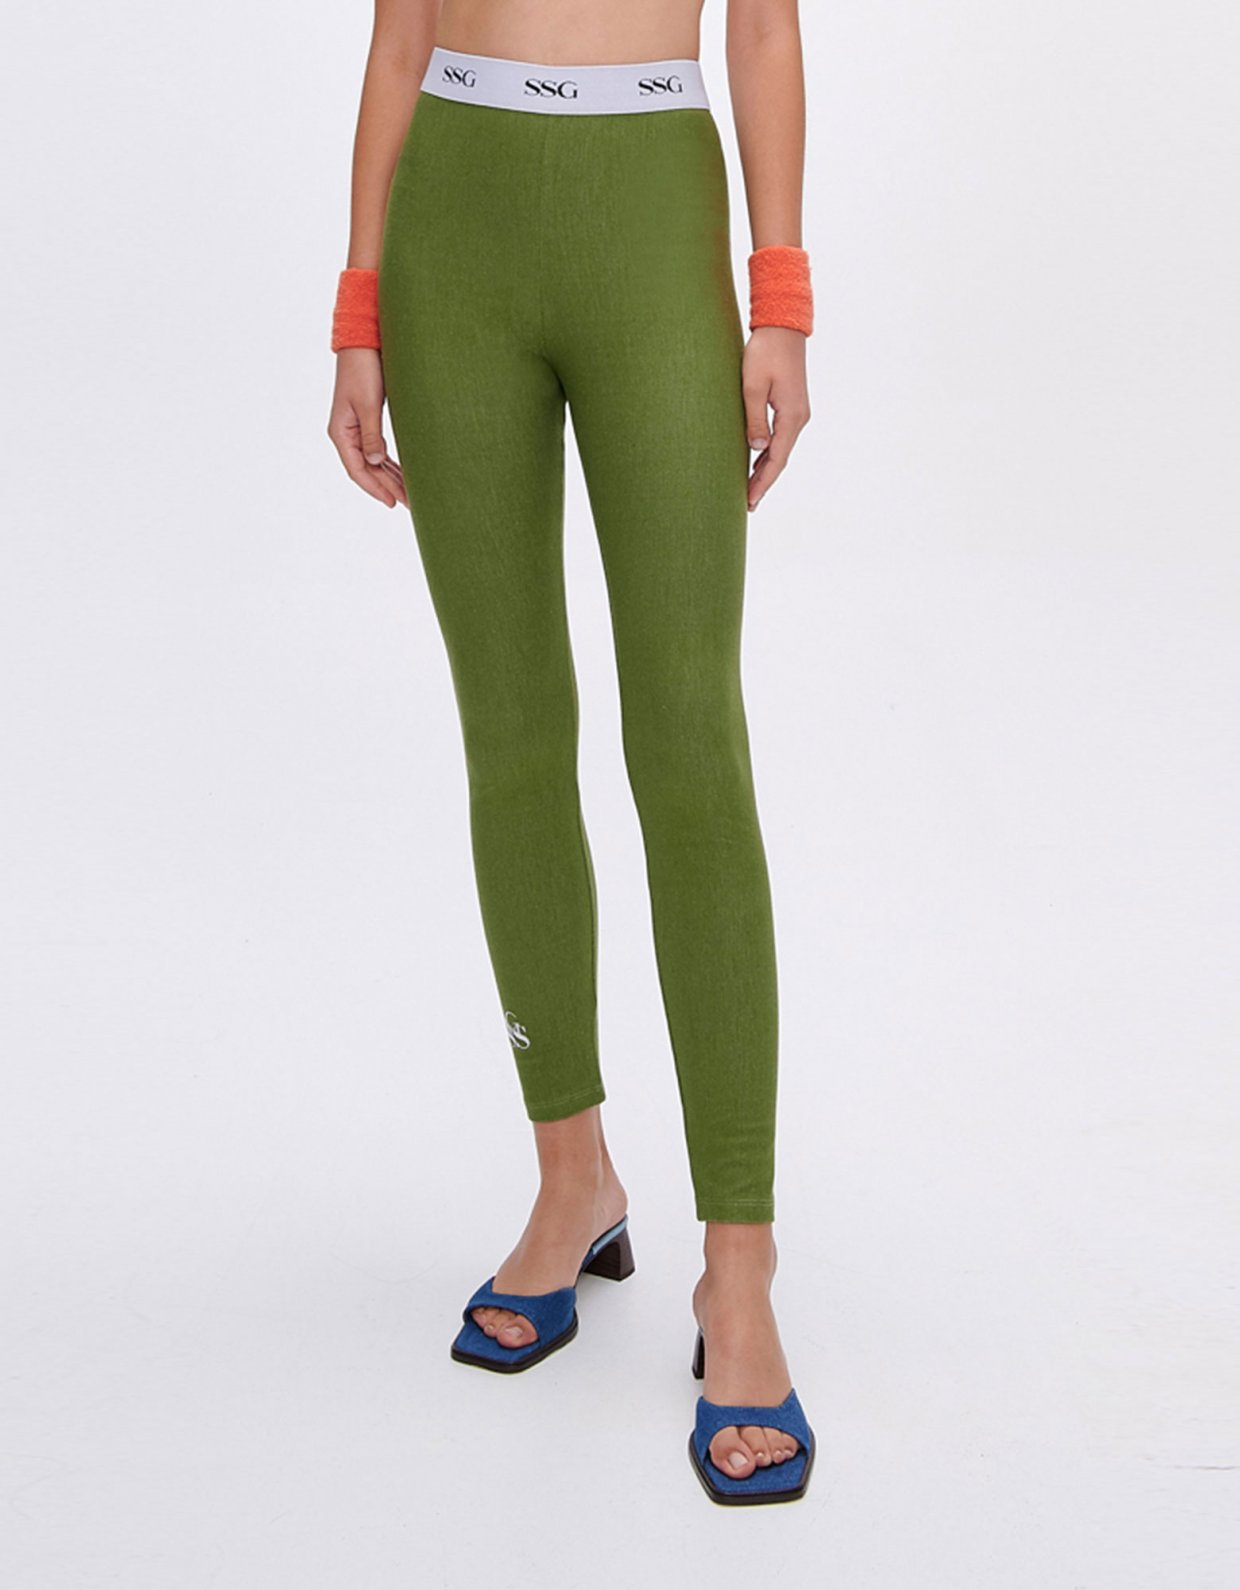 Sunset go Kelly green eco jean leggings